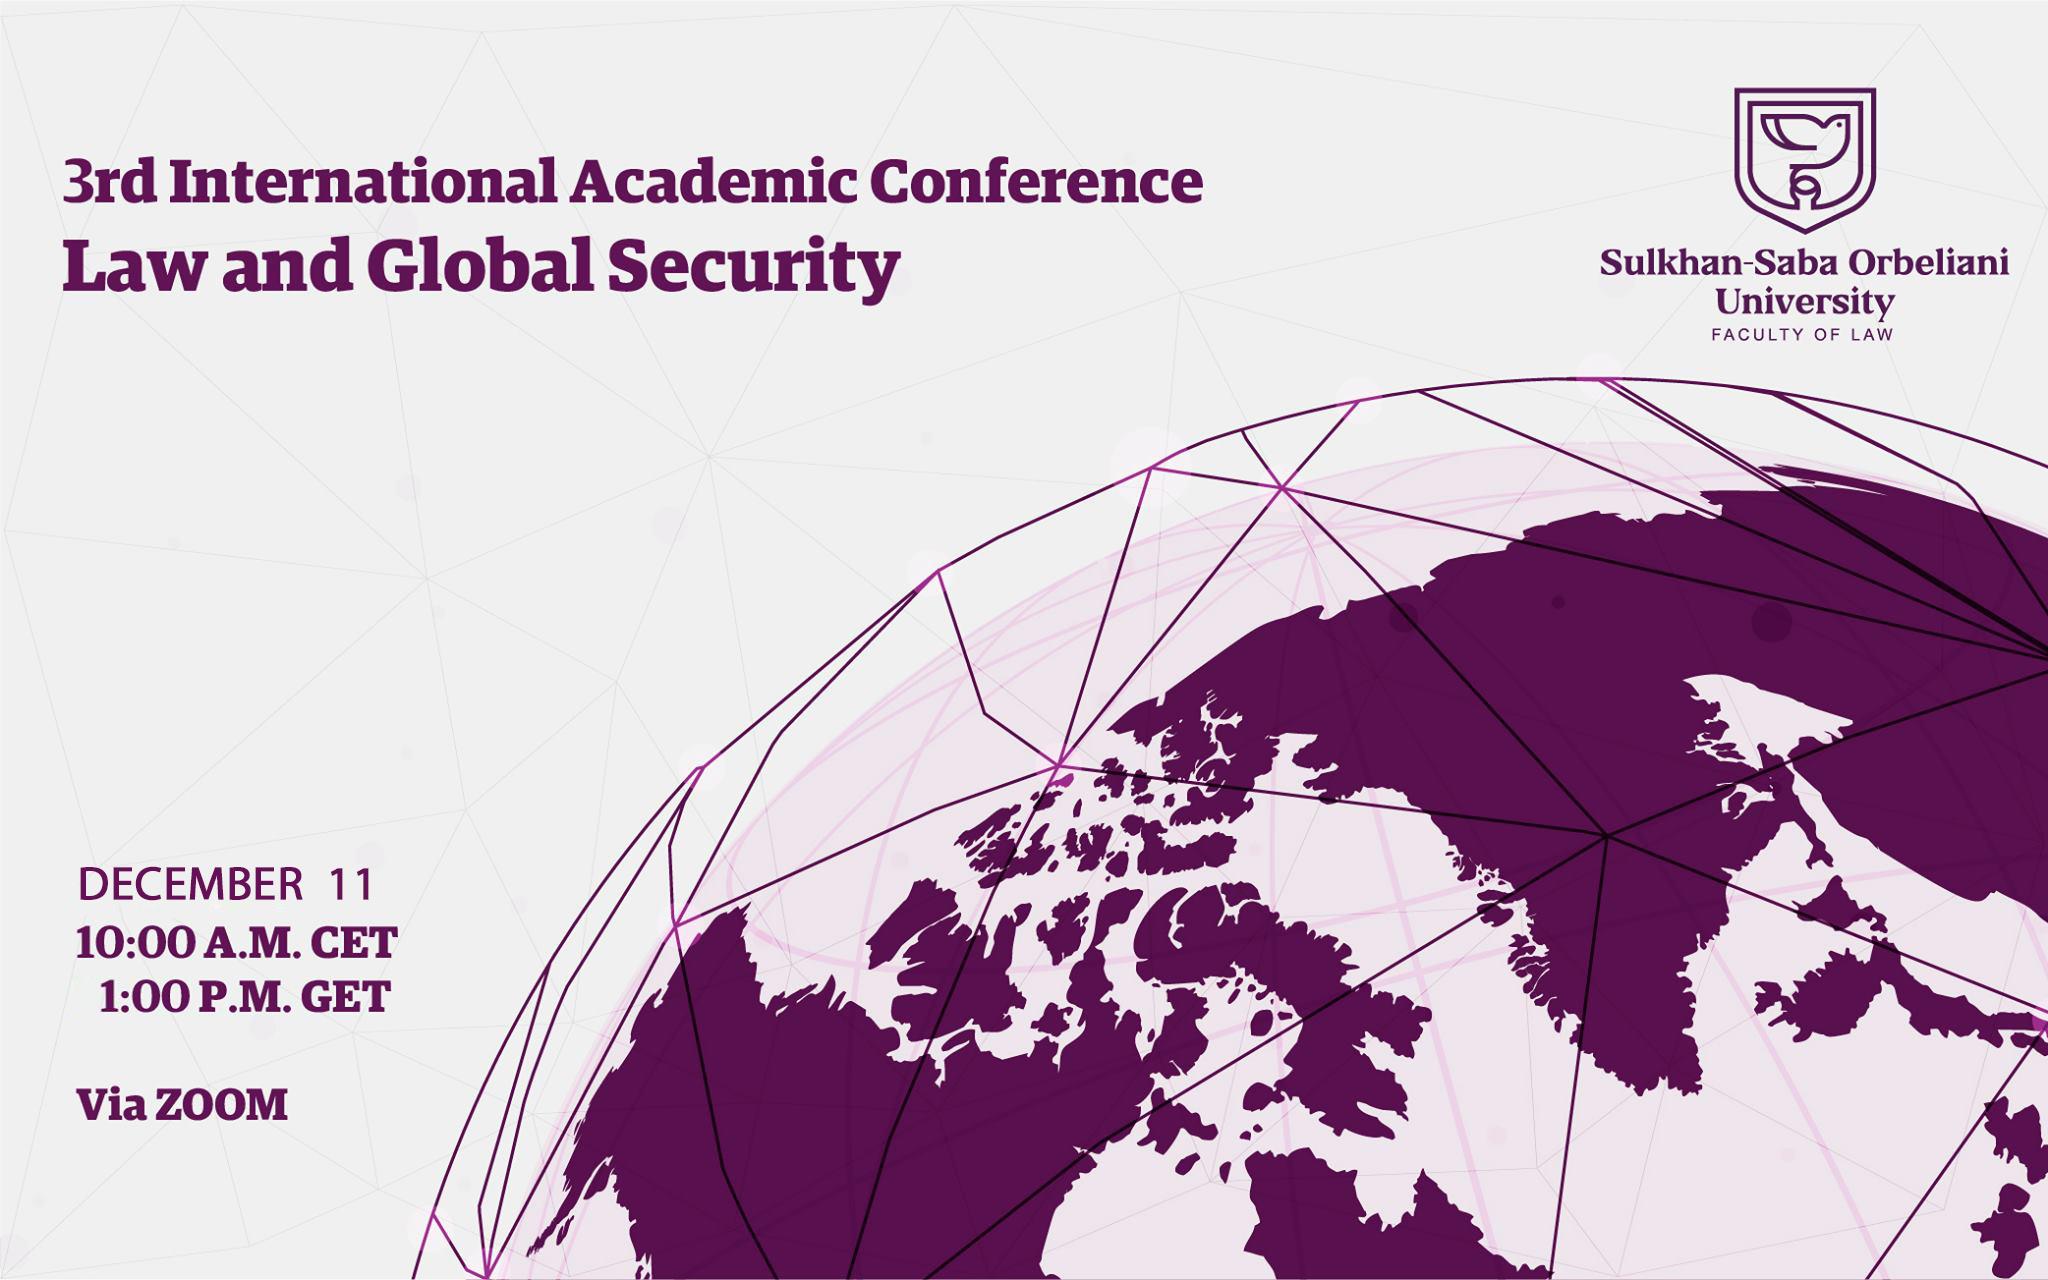 """III საერთაშორისო სამეცნიერო კონფერენცია """"სამართალი და გლობალური უსაფრთხოება"""""""